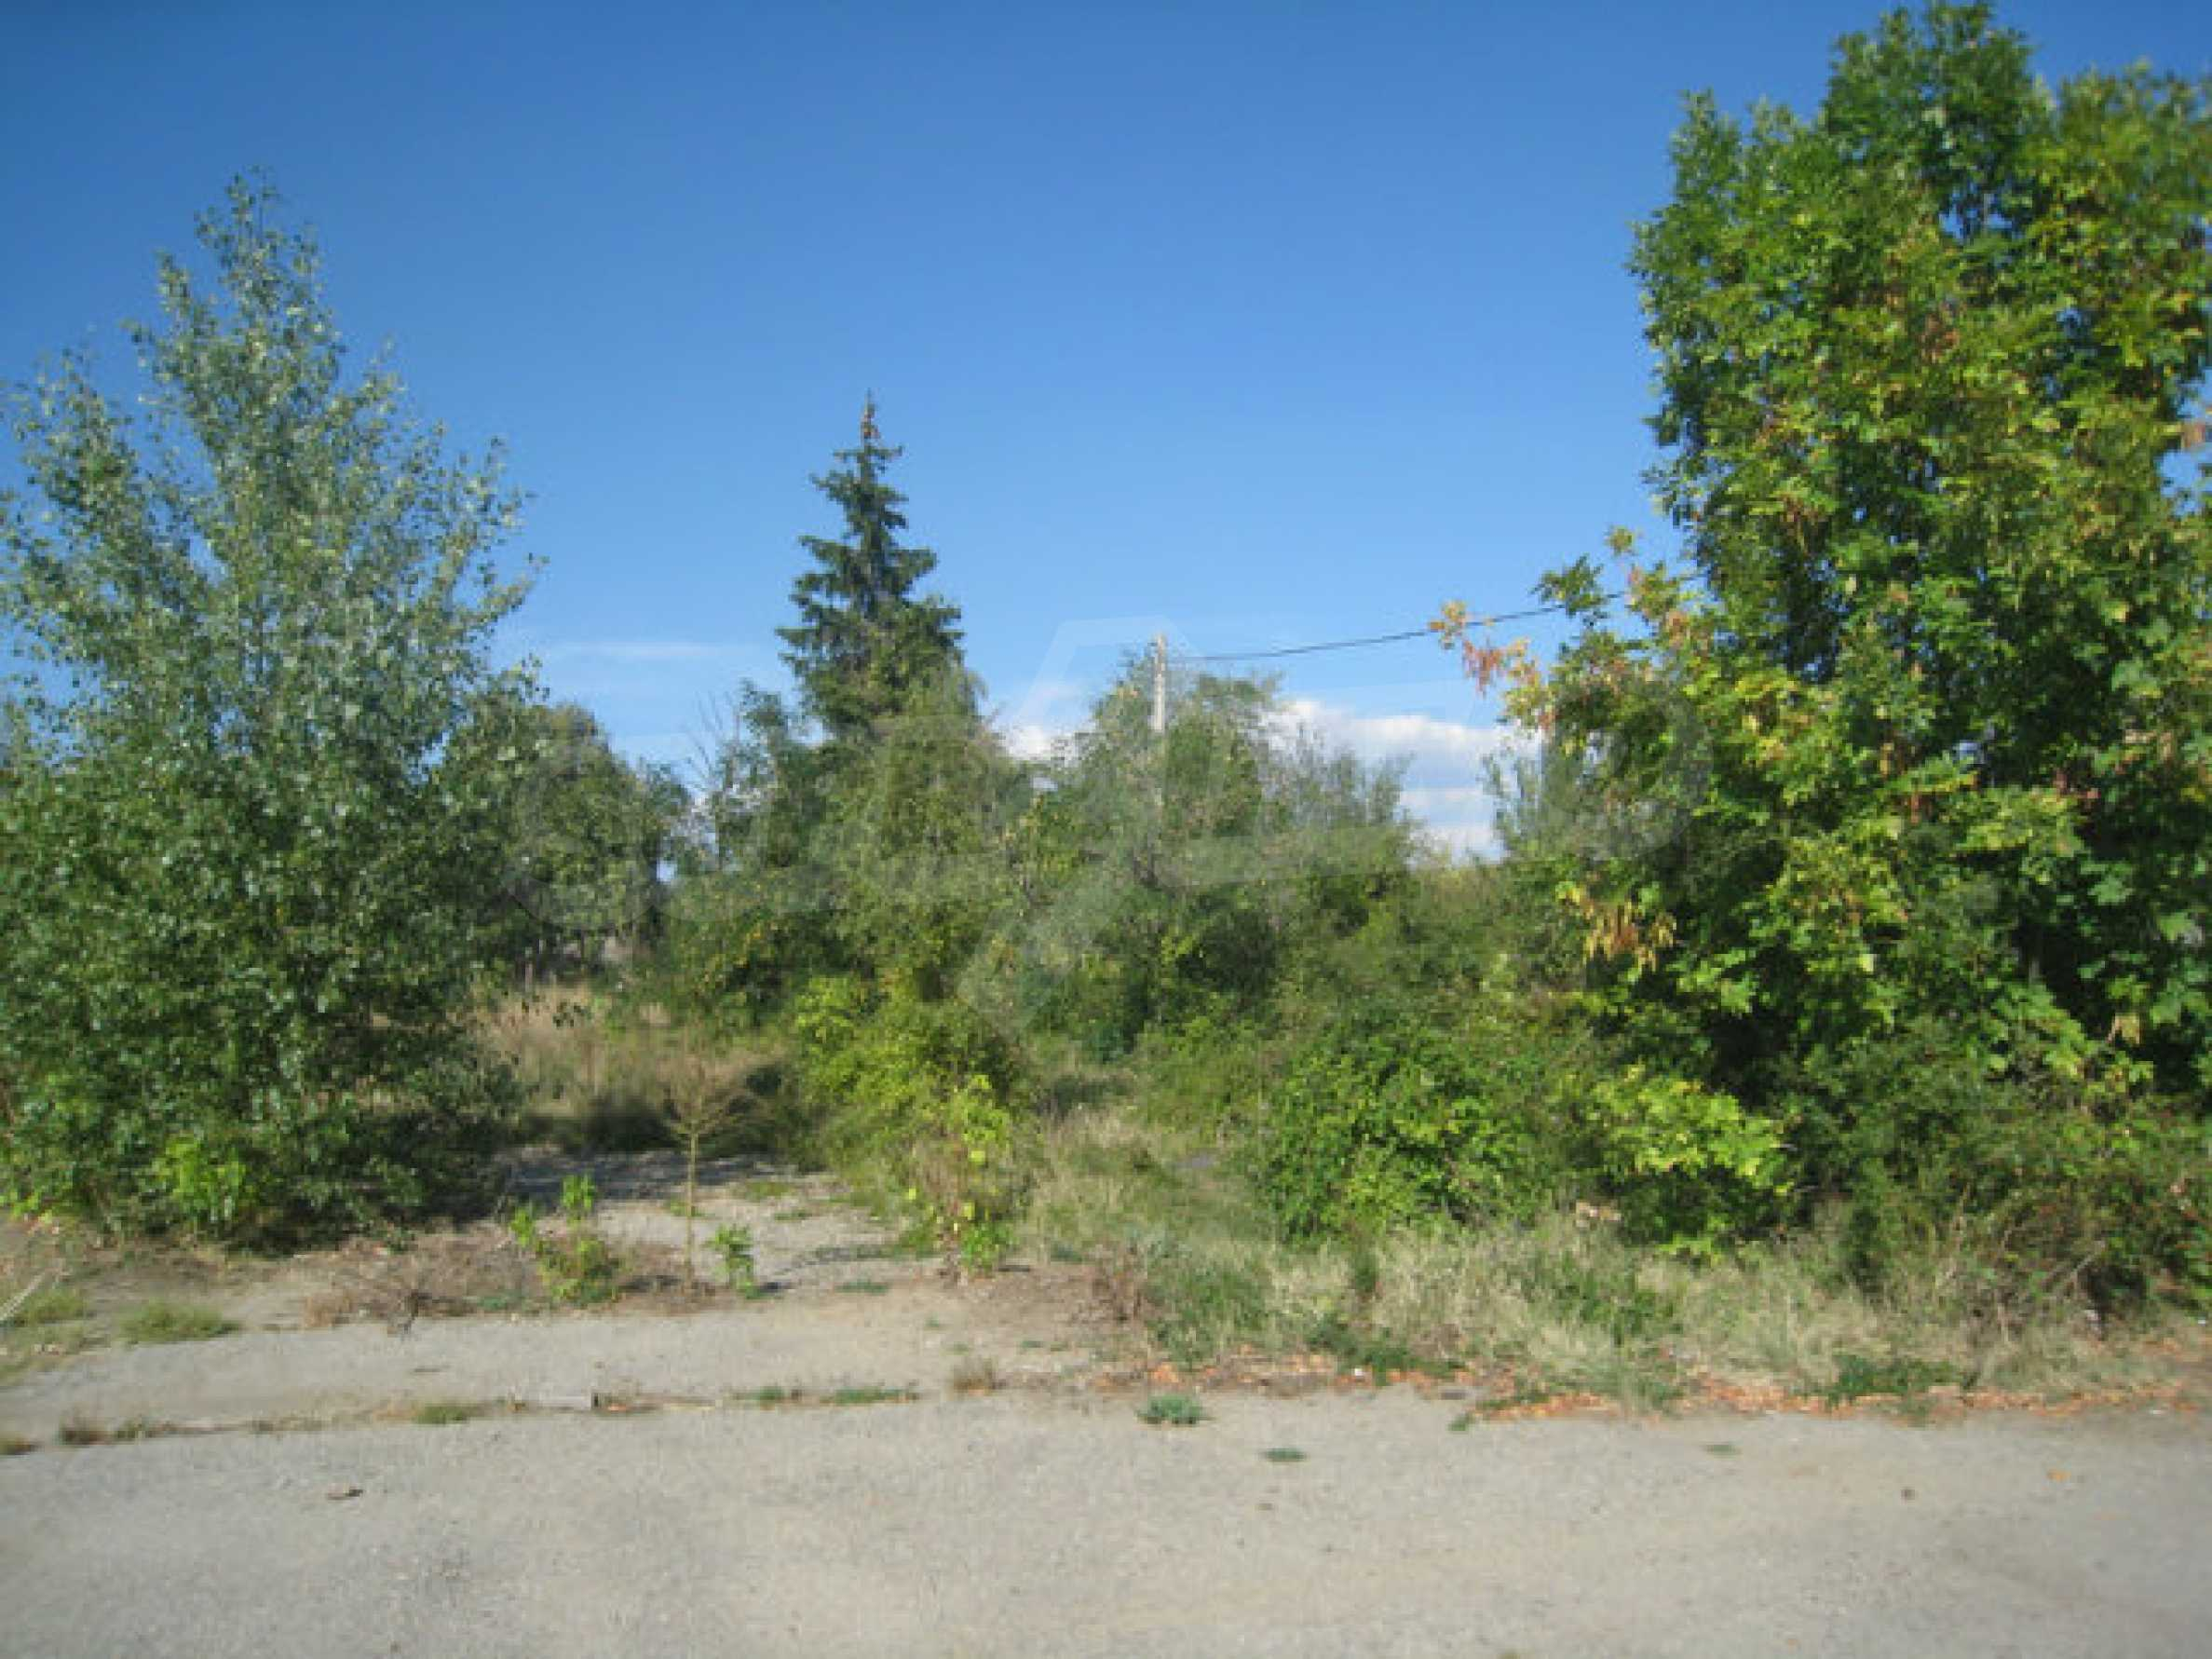 Großes reguliertes Grundstück für den Bau eines Privatgrundstücks in der Nähe von Sofia 7